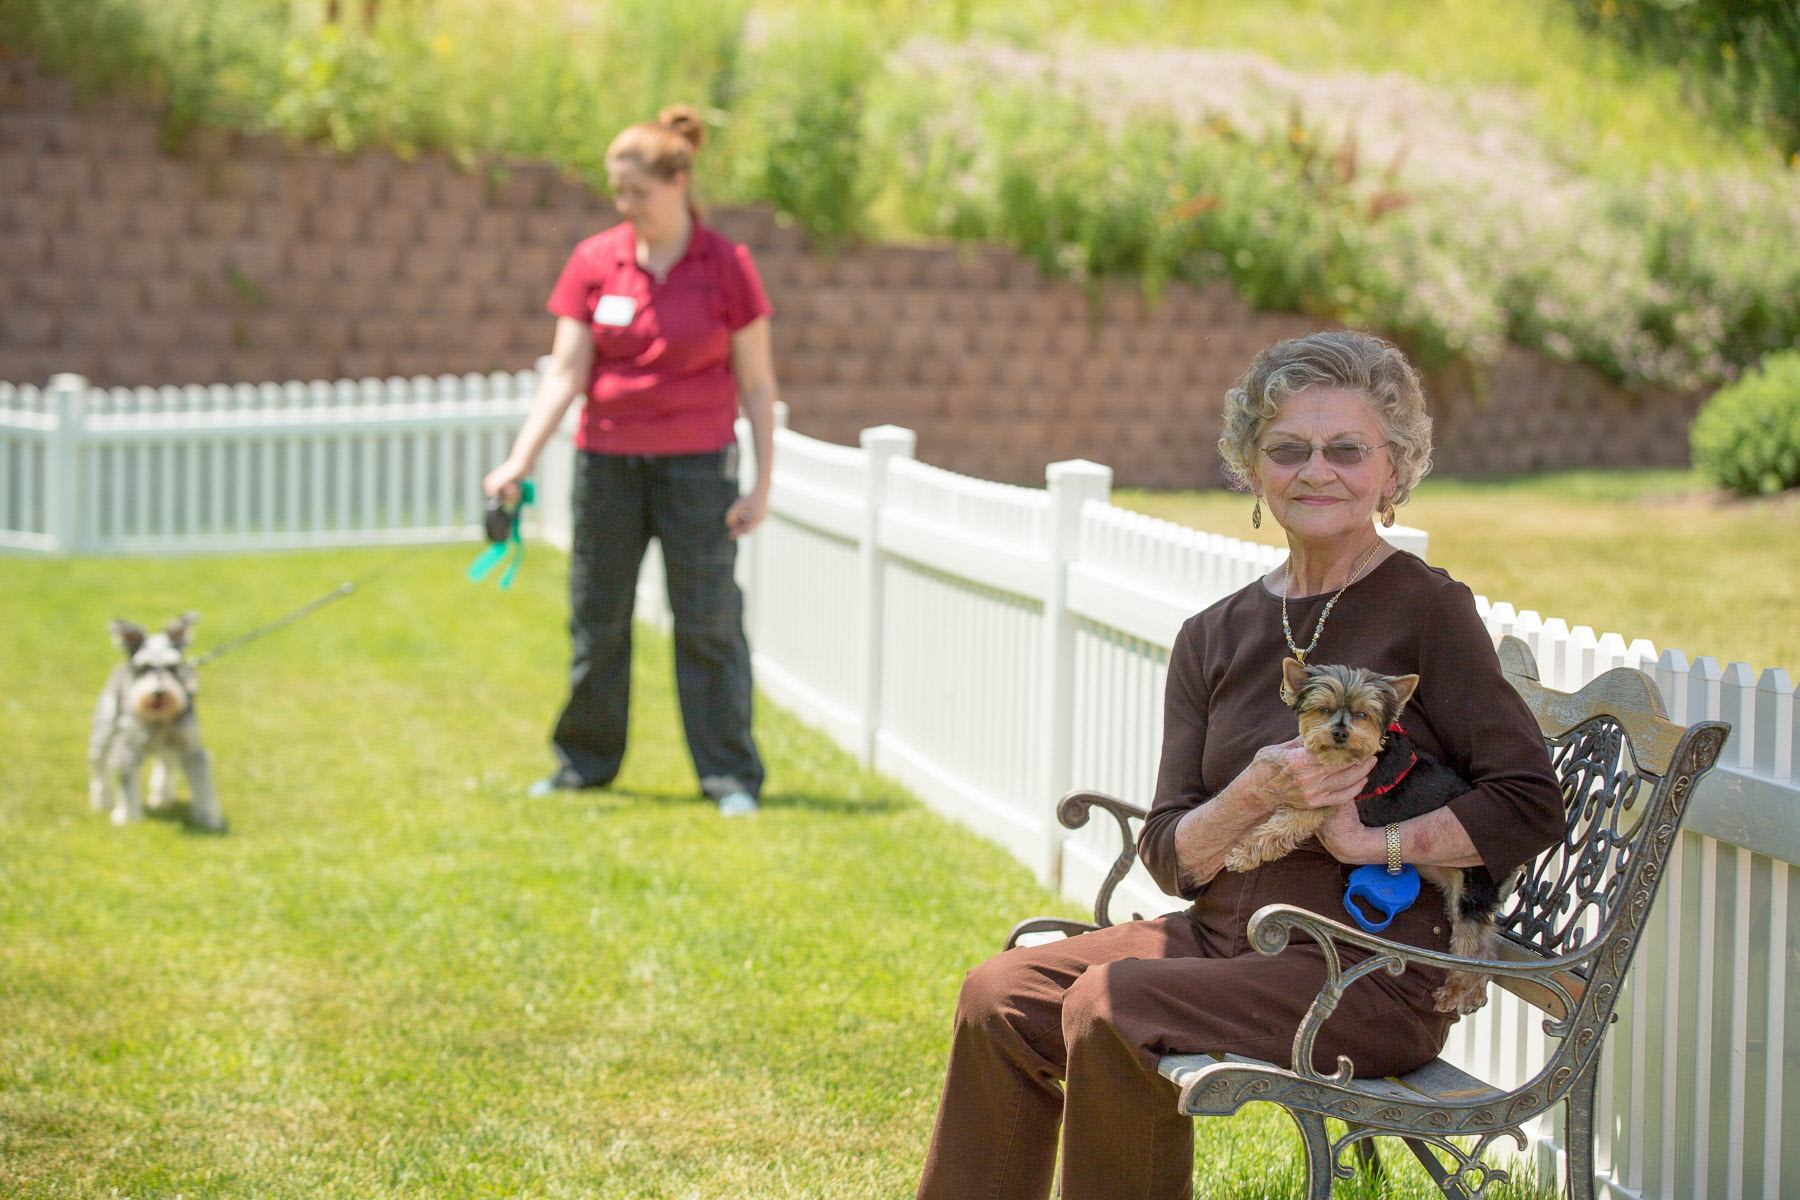 Pet friendly nursing home in Bellevue, ne